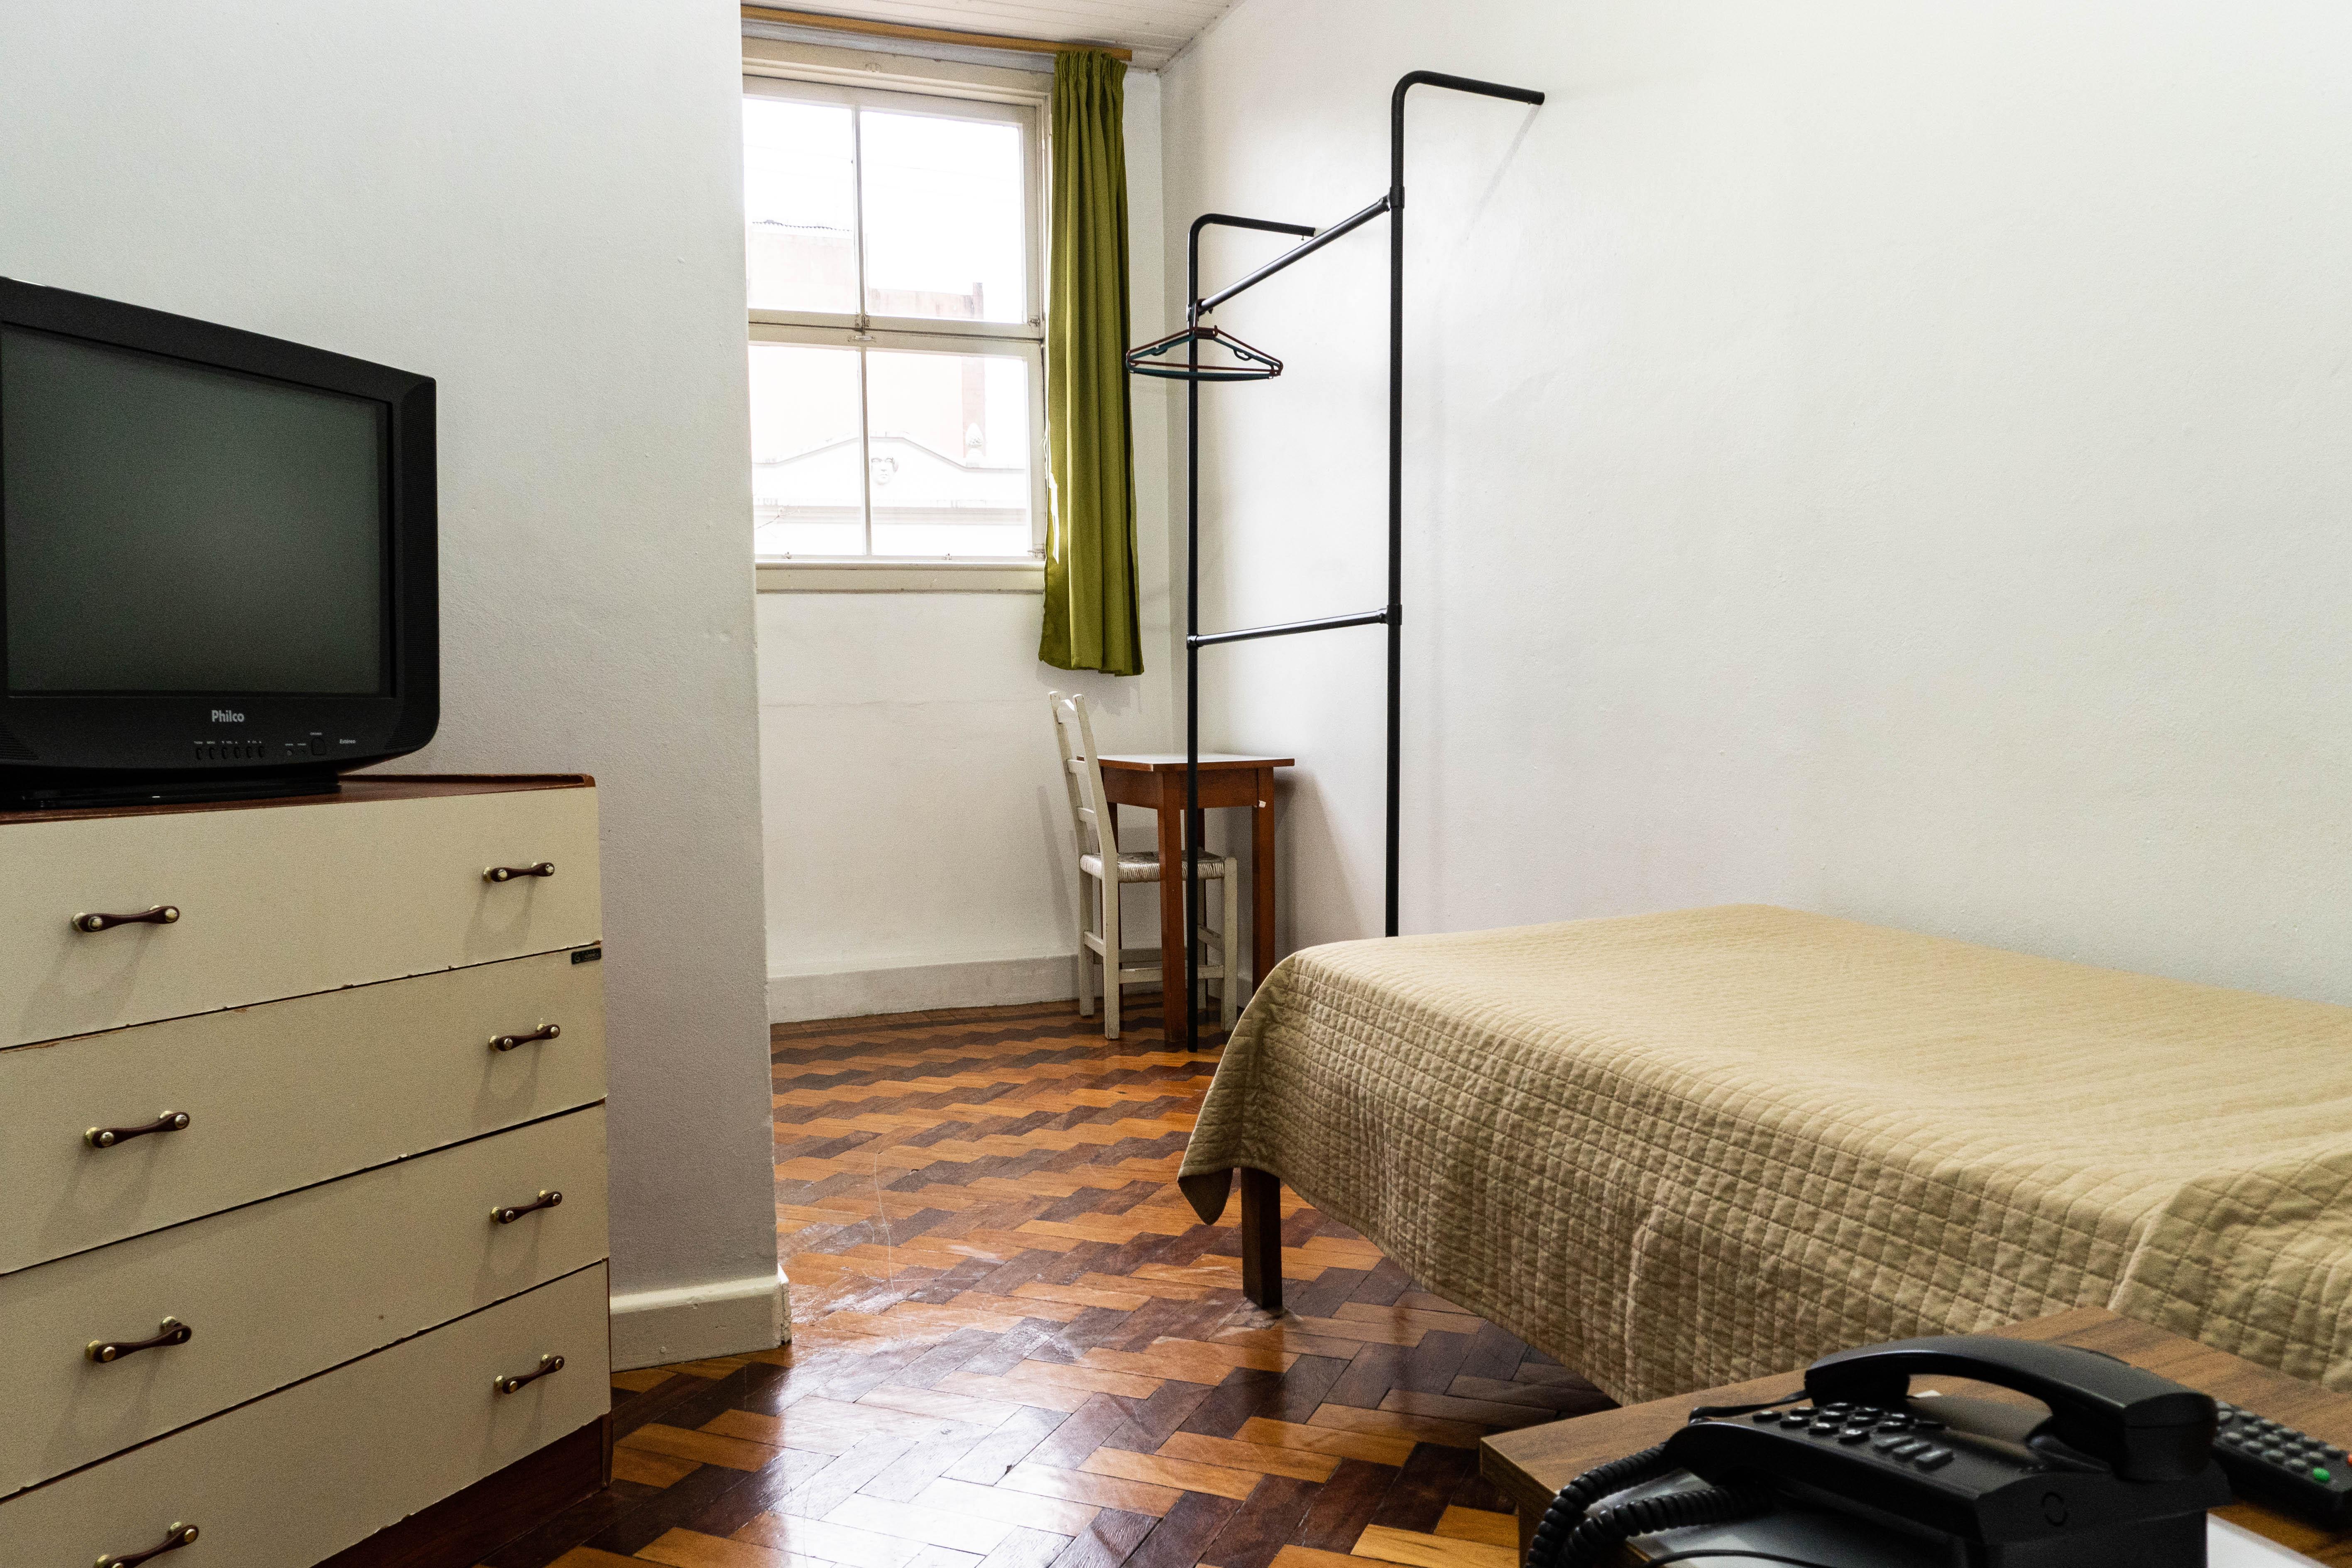 City Hotel em Caxias do Sul - A menor tarifa - Hospedar em Caxias do Sul - RS